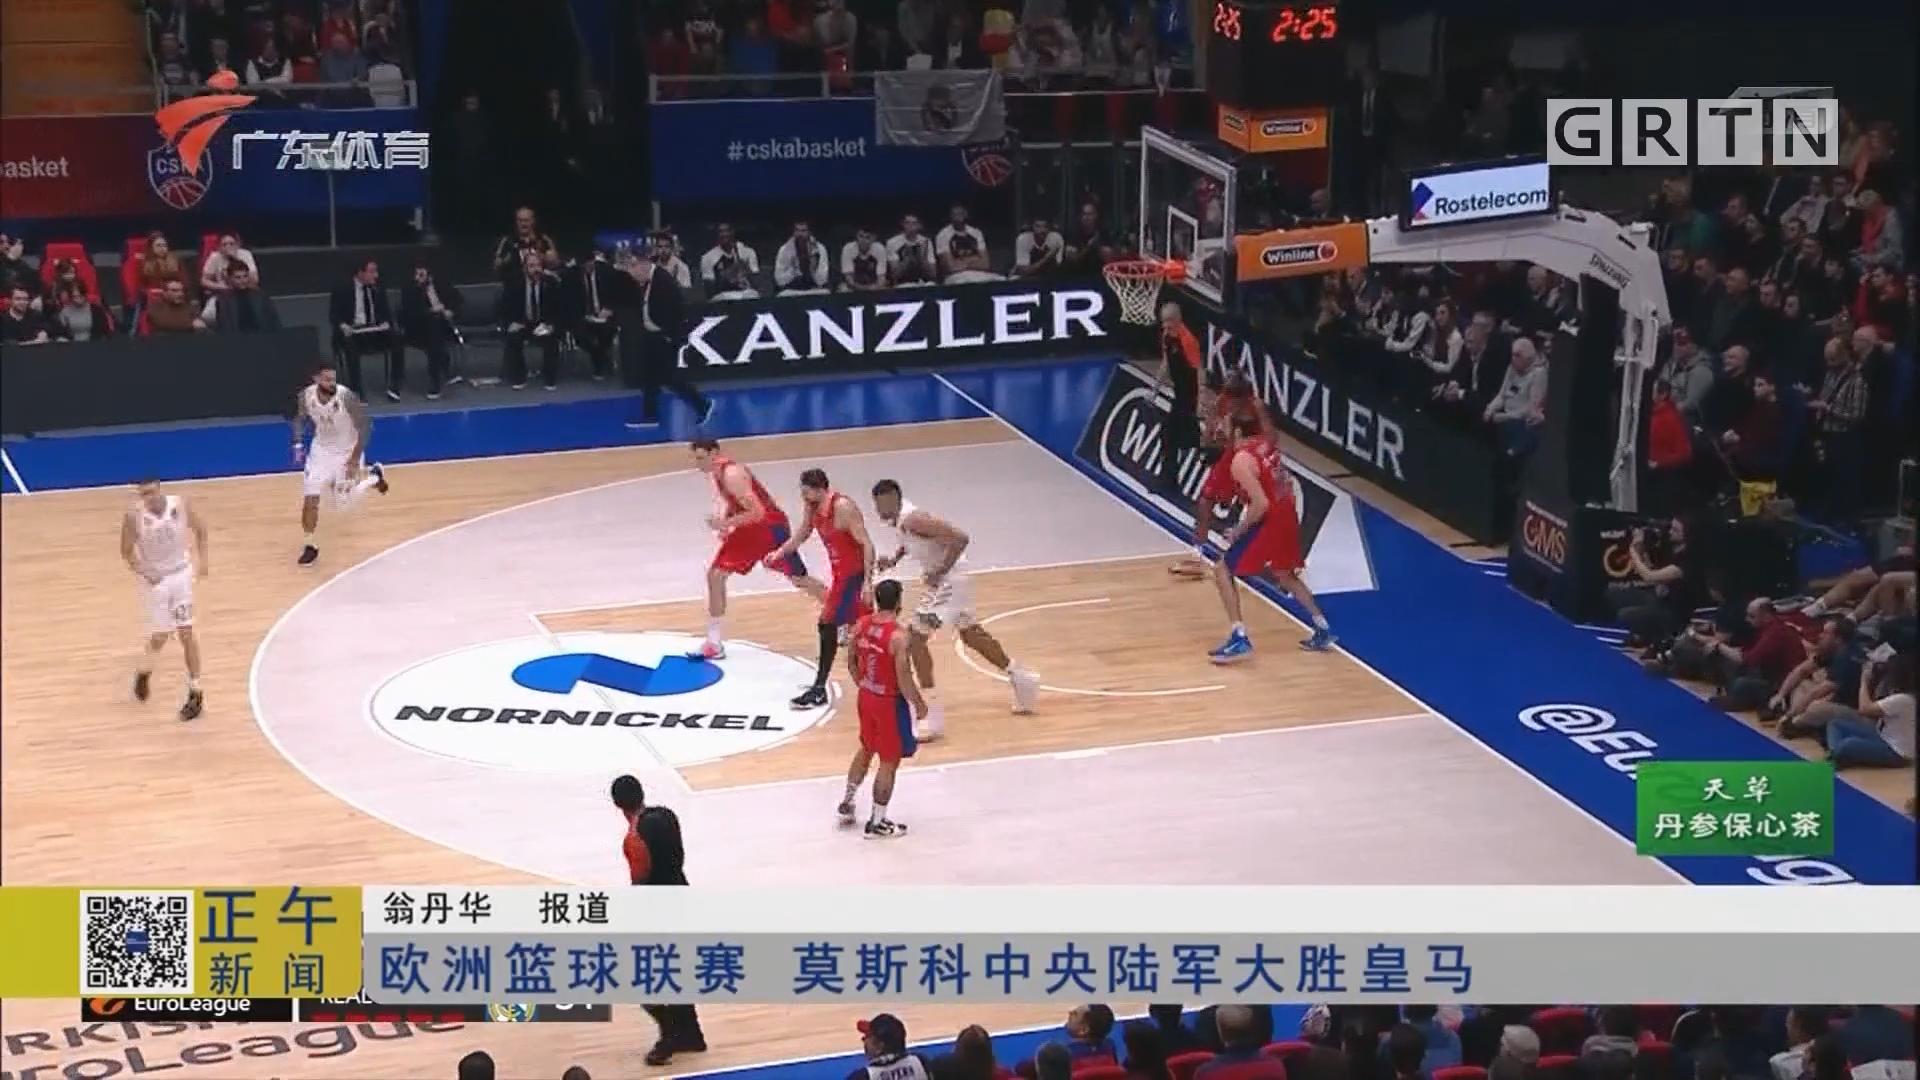 欧洲篮球联赛 莫斯科中央陆军大胜皇马